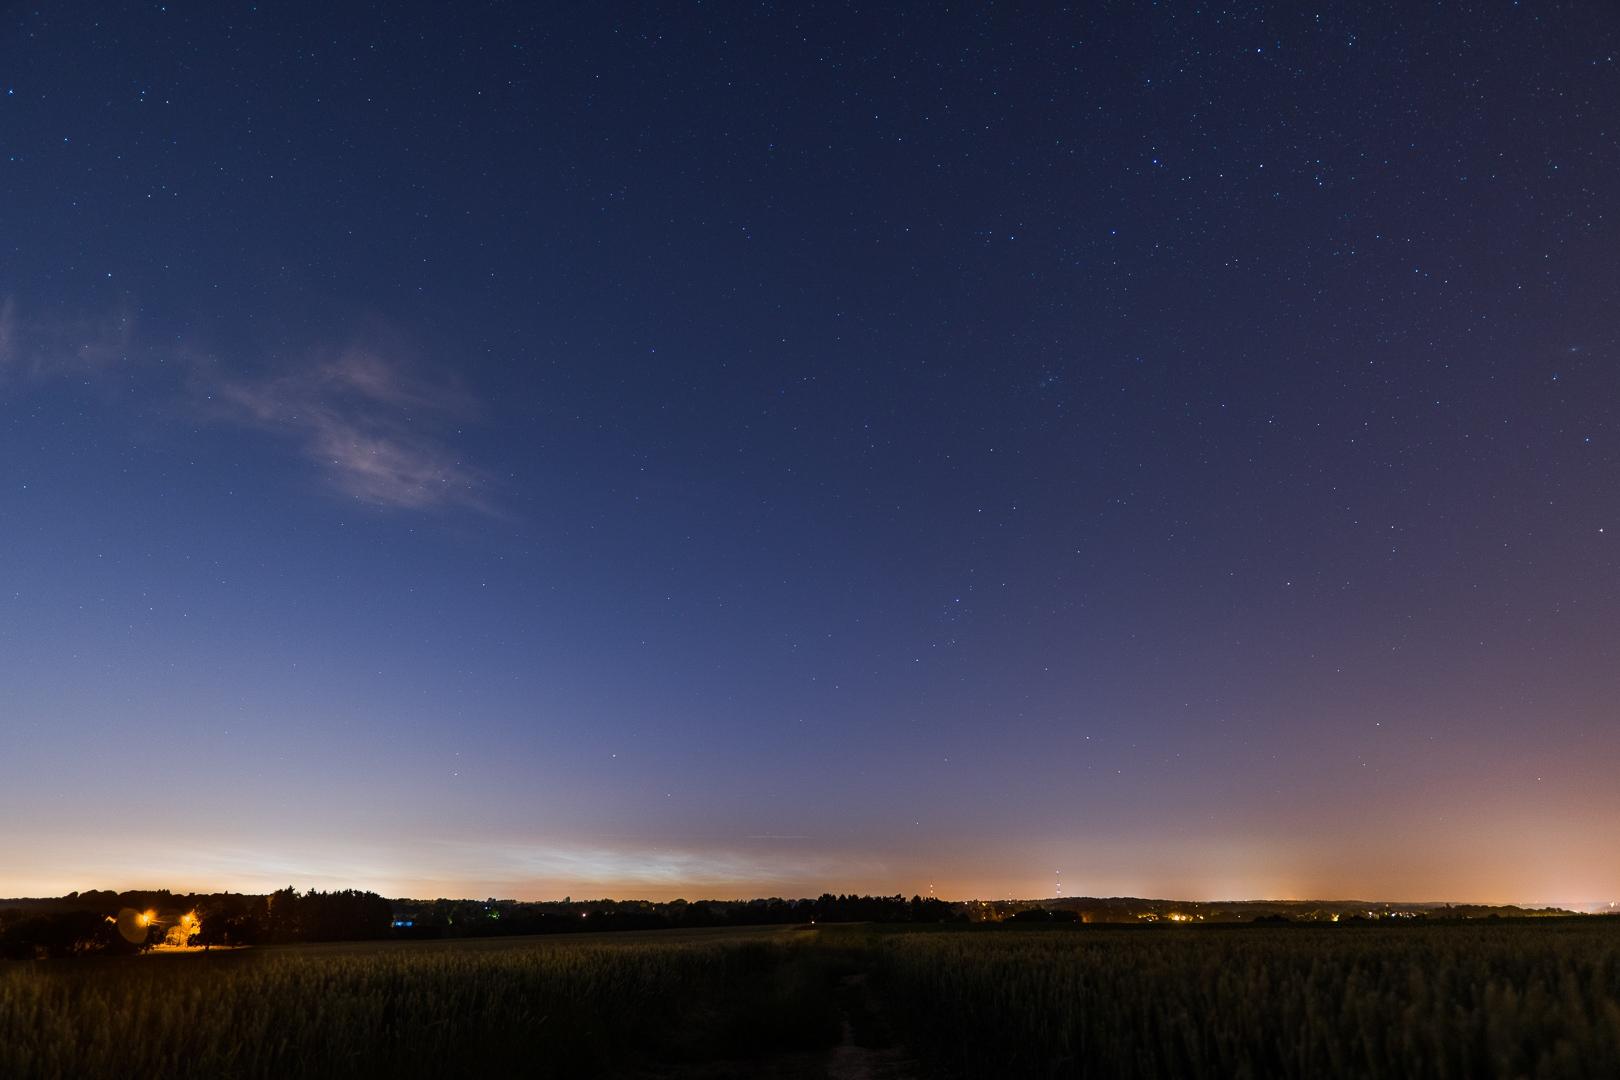 nuages noctiluques et voie lactée 122643-1529491699